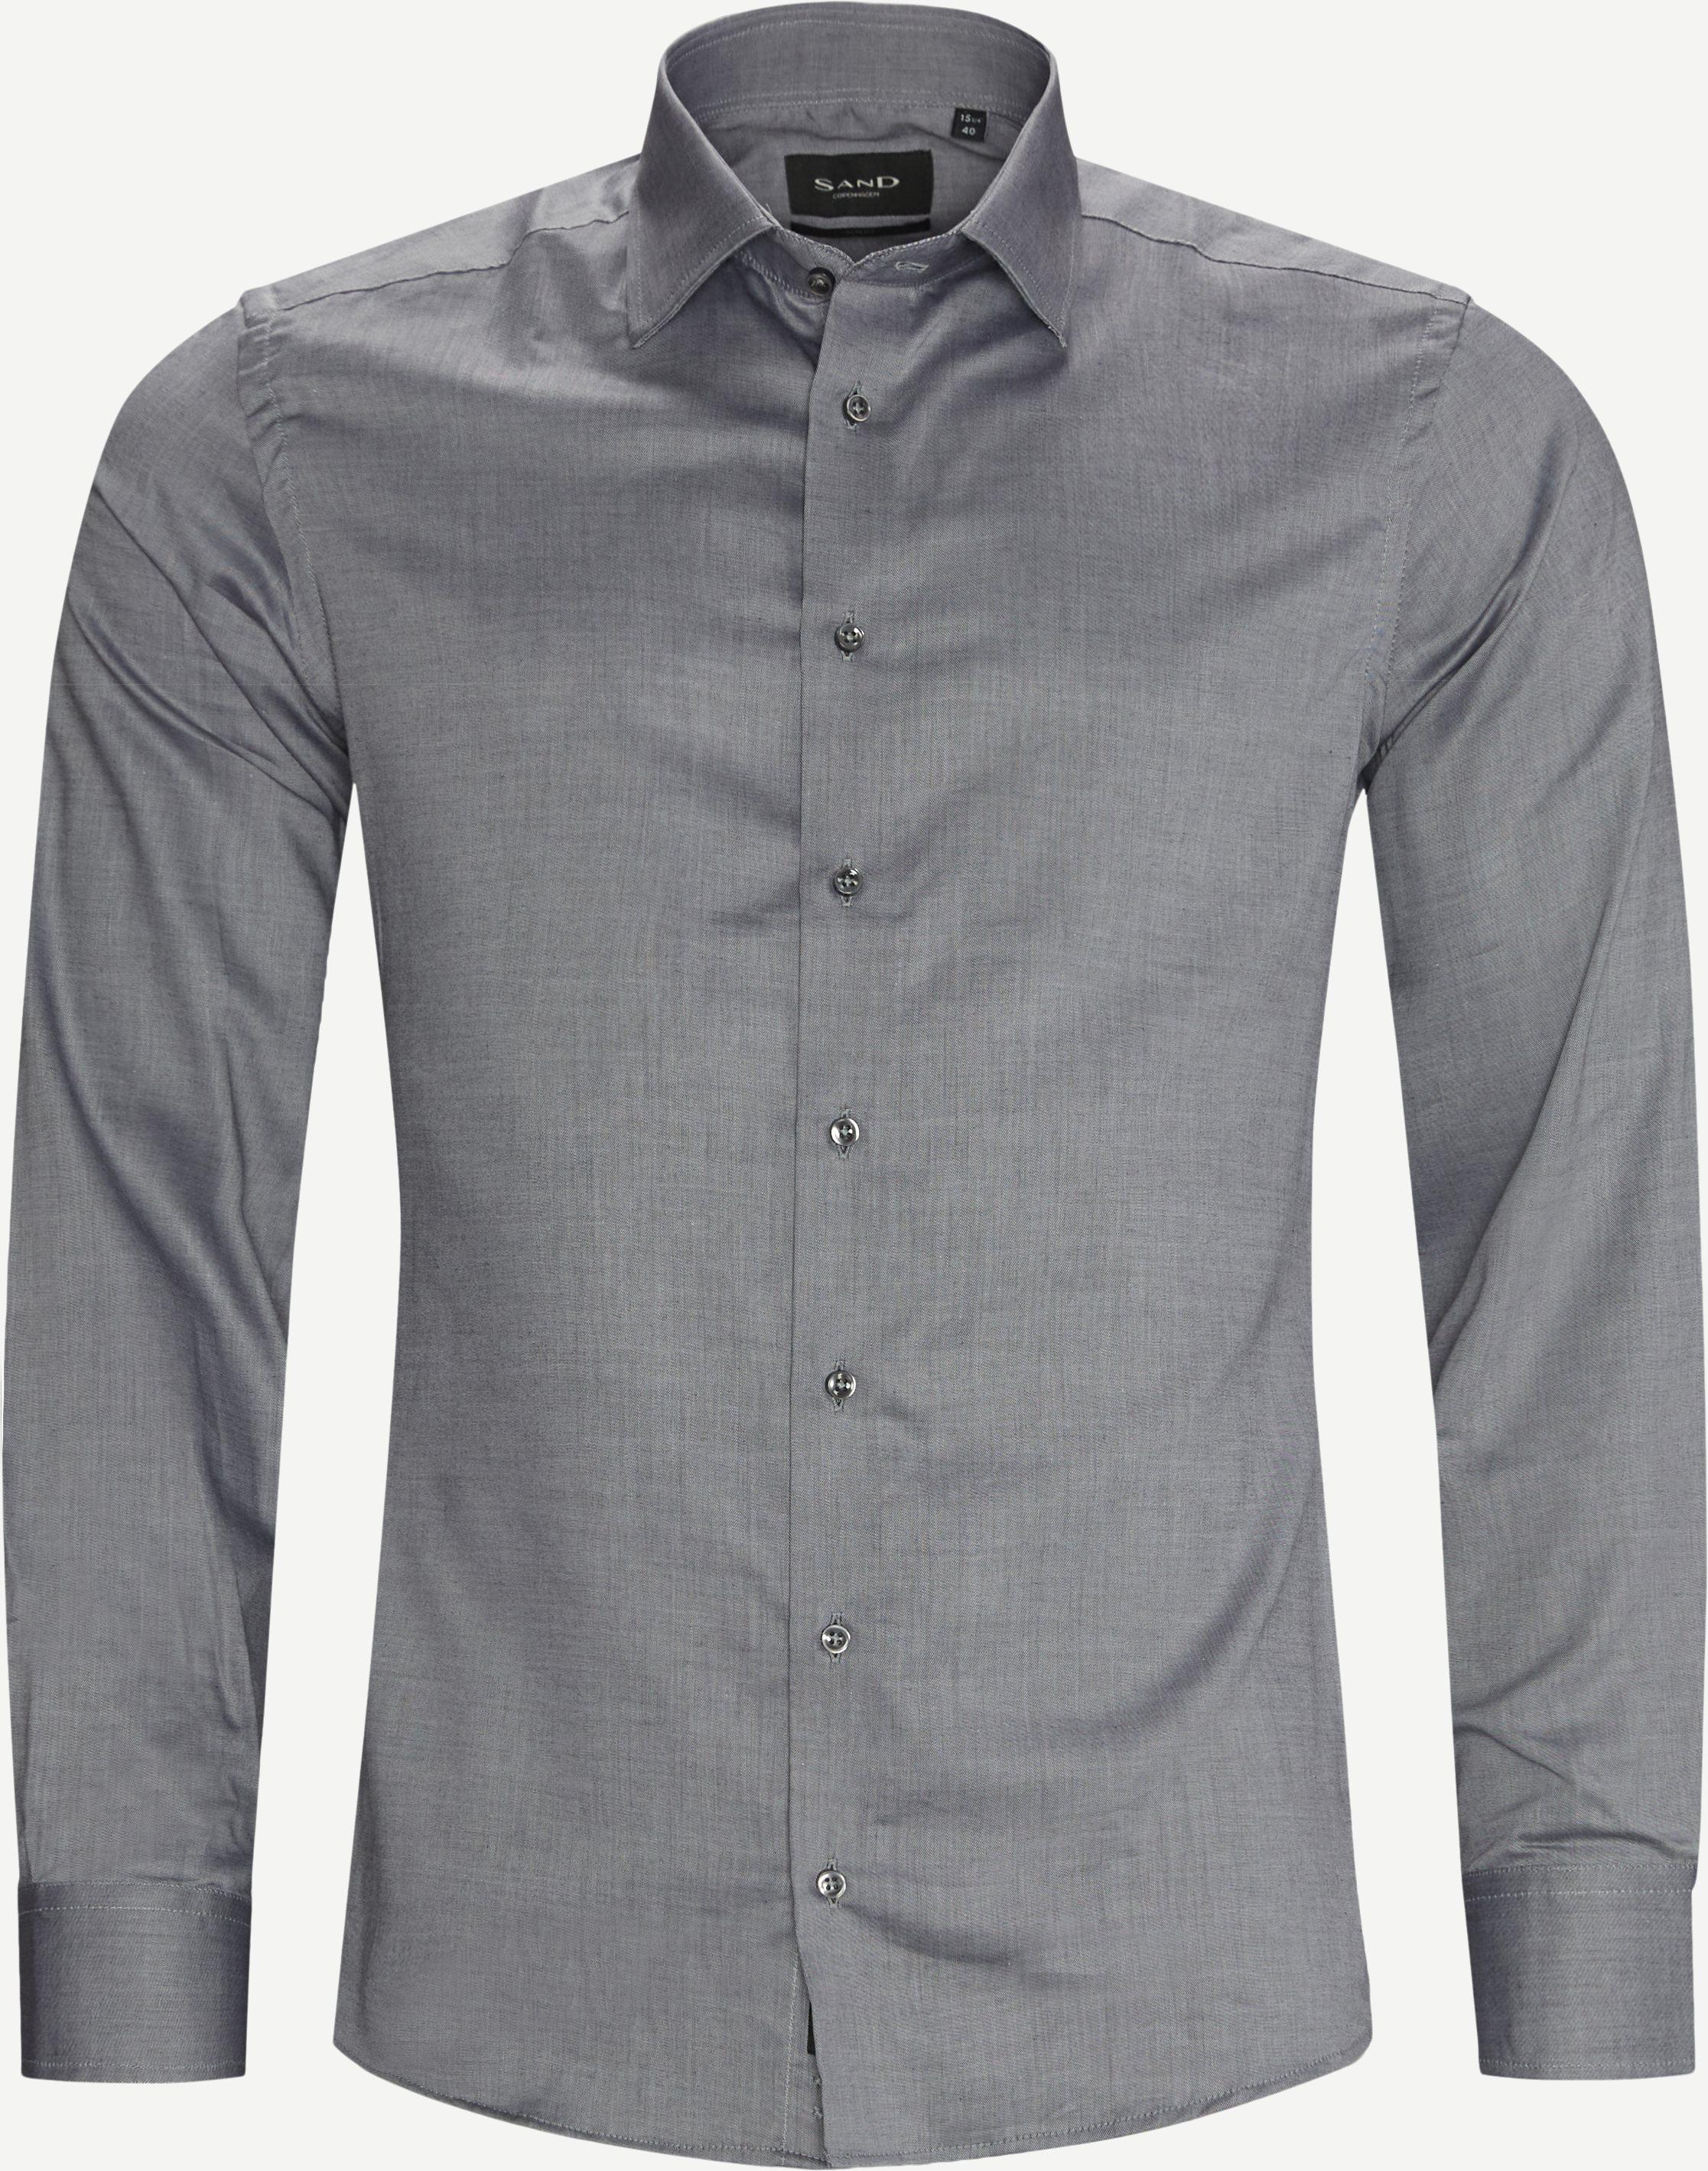 Hemden - Grau